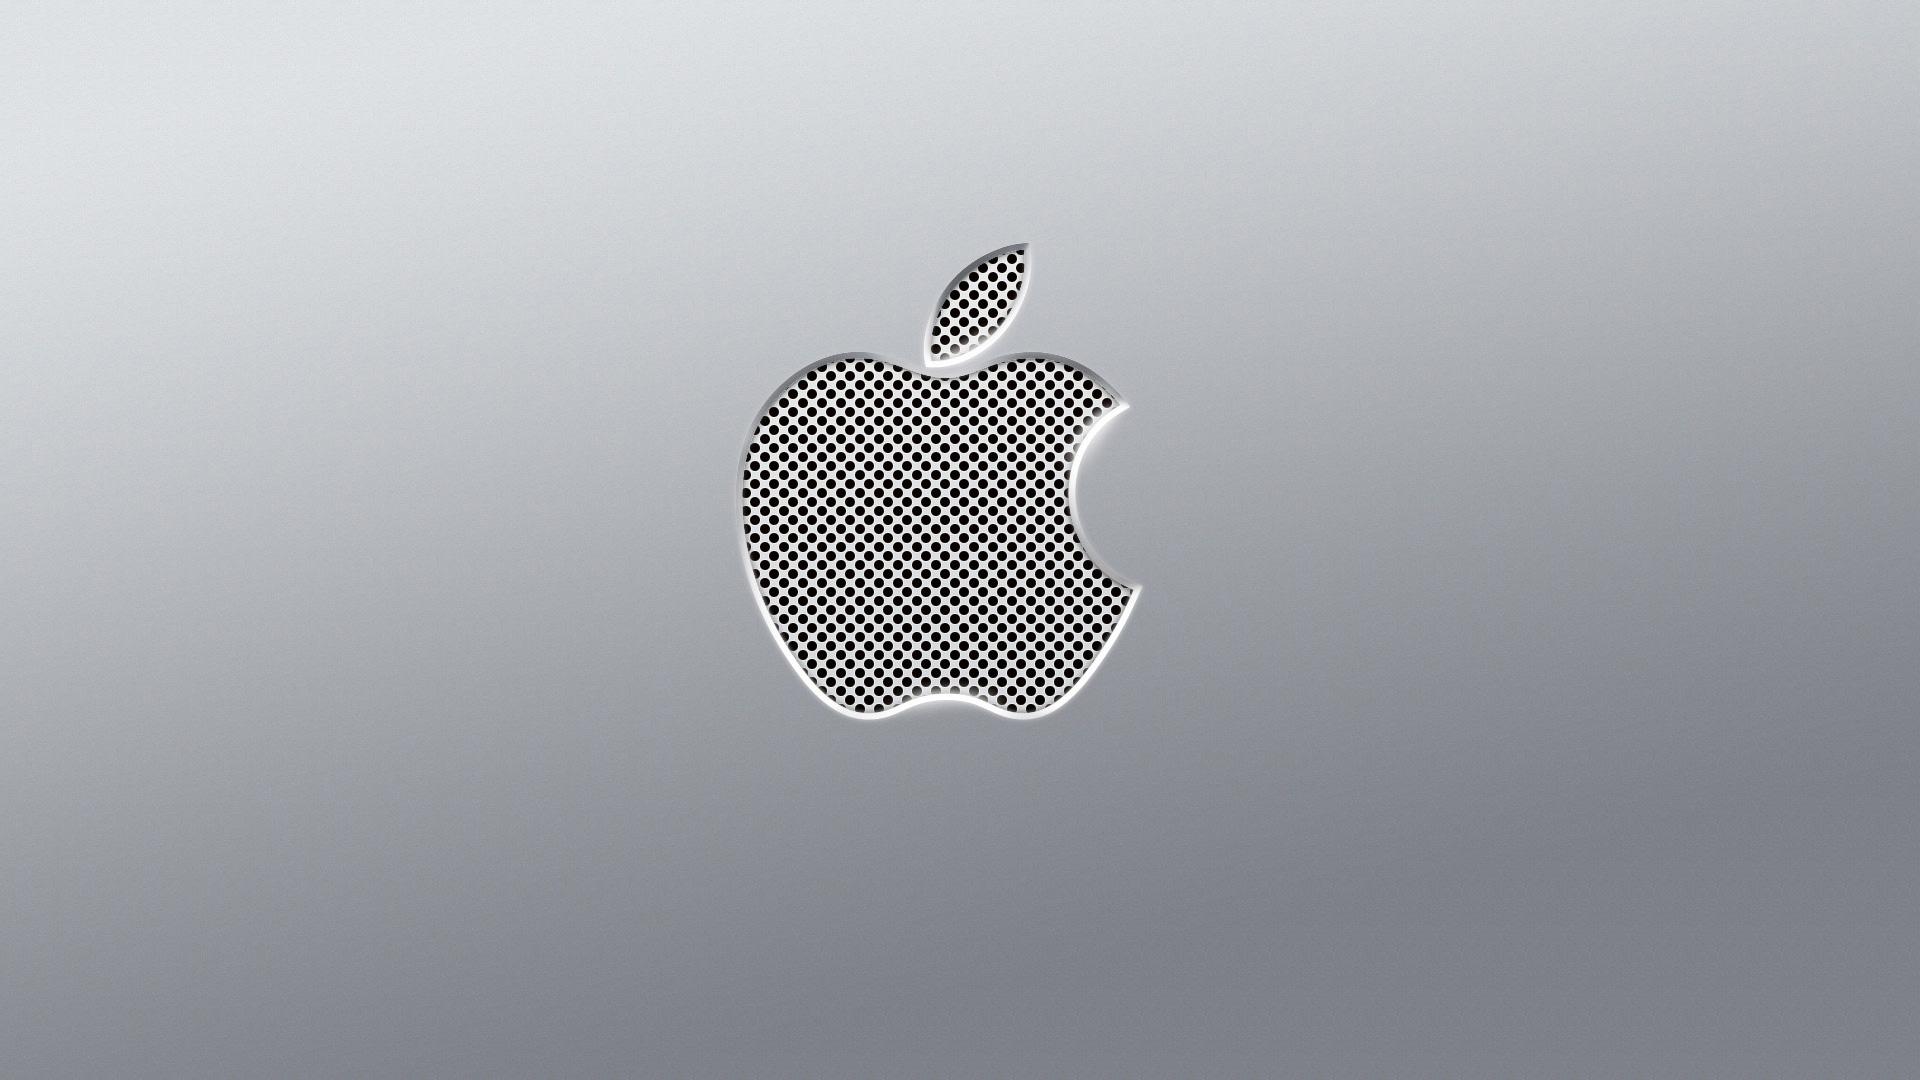 apple metal wallpaper, скачать фото, обои для рабочего стола, металл, железо